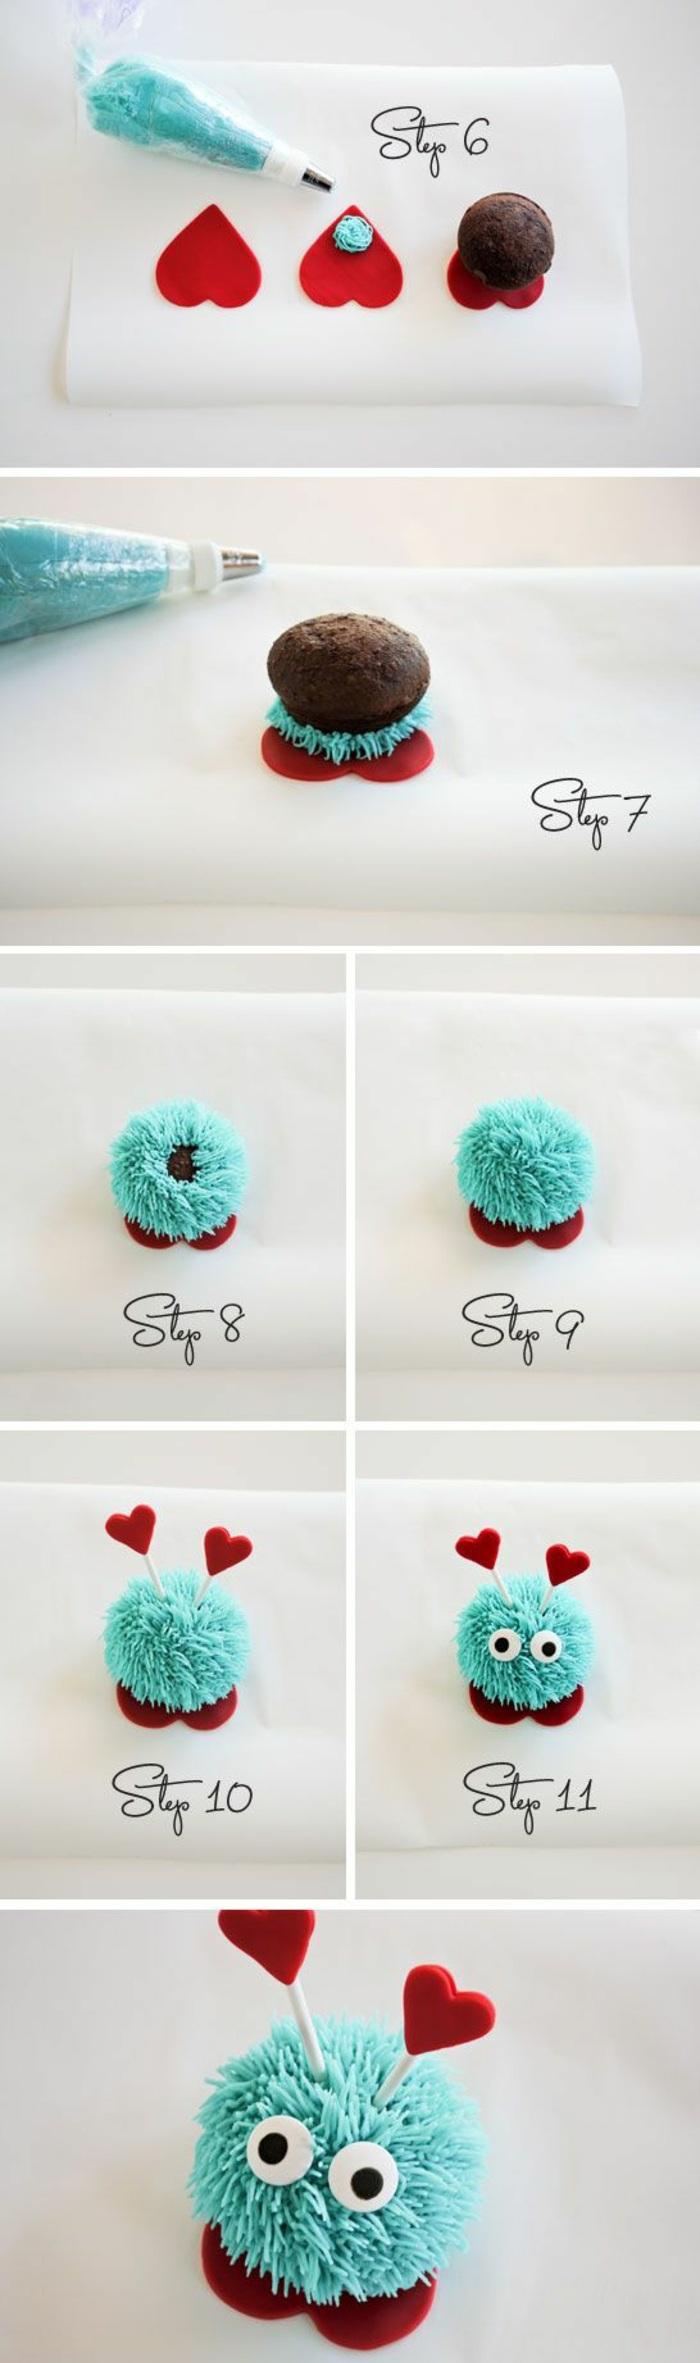 cupcakes dekorieren mit blauer sahne und kleine herzchen